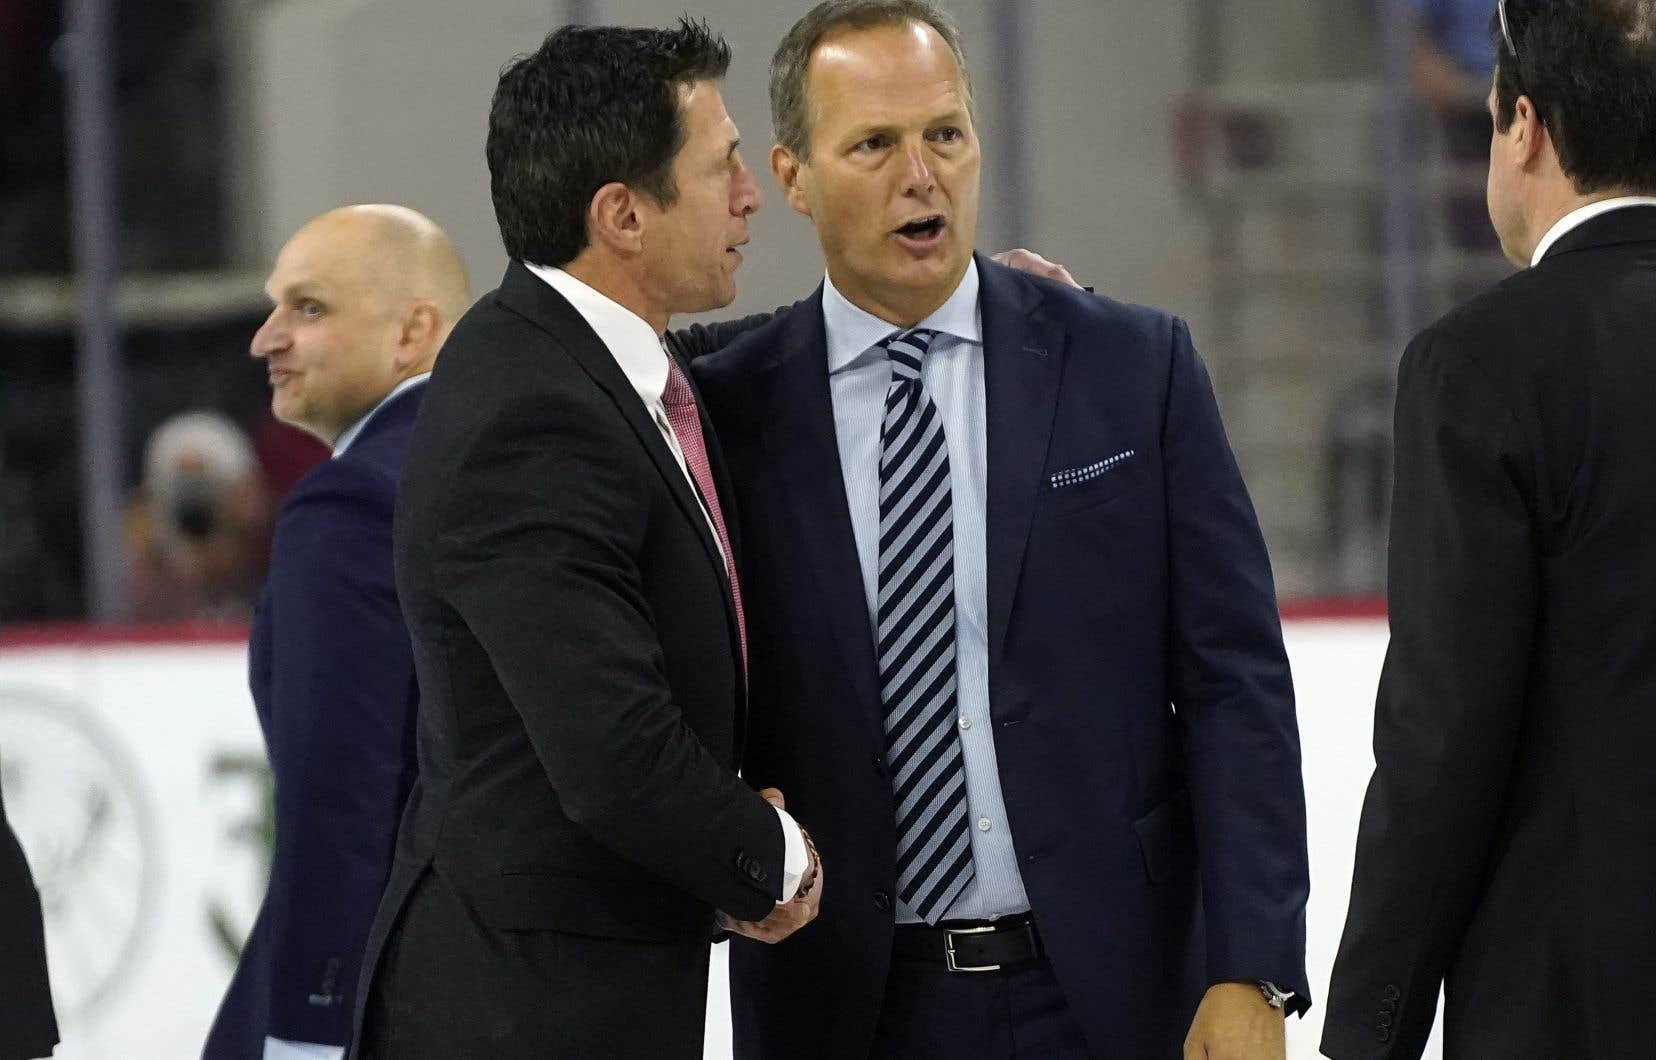 Cooper entamera bientôt sa neuvième saison complète comme entraîneur-chef du Lightning de Tampa Bay, ayant mené l'équipe à deux championnats de la Coupe Stanley consécutifs en 2020 et 2021.